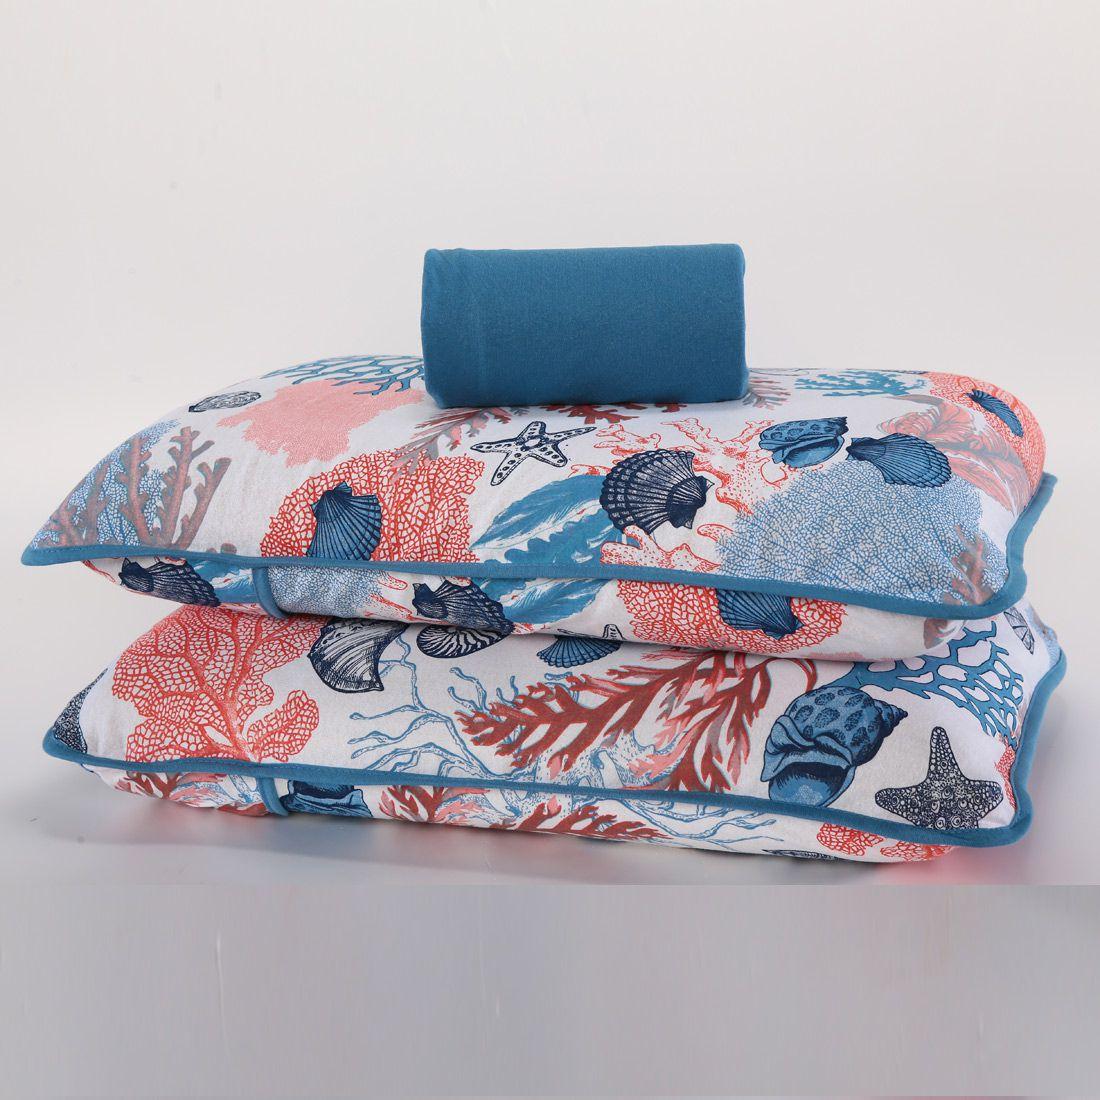 Jogo de Cama Oceano Azul Casal Padrão 03 Peças - Malha 100% Algodão